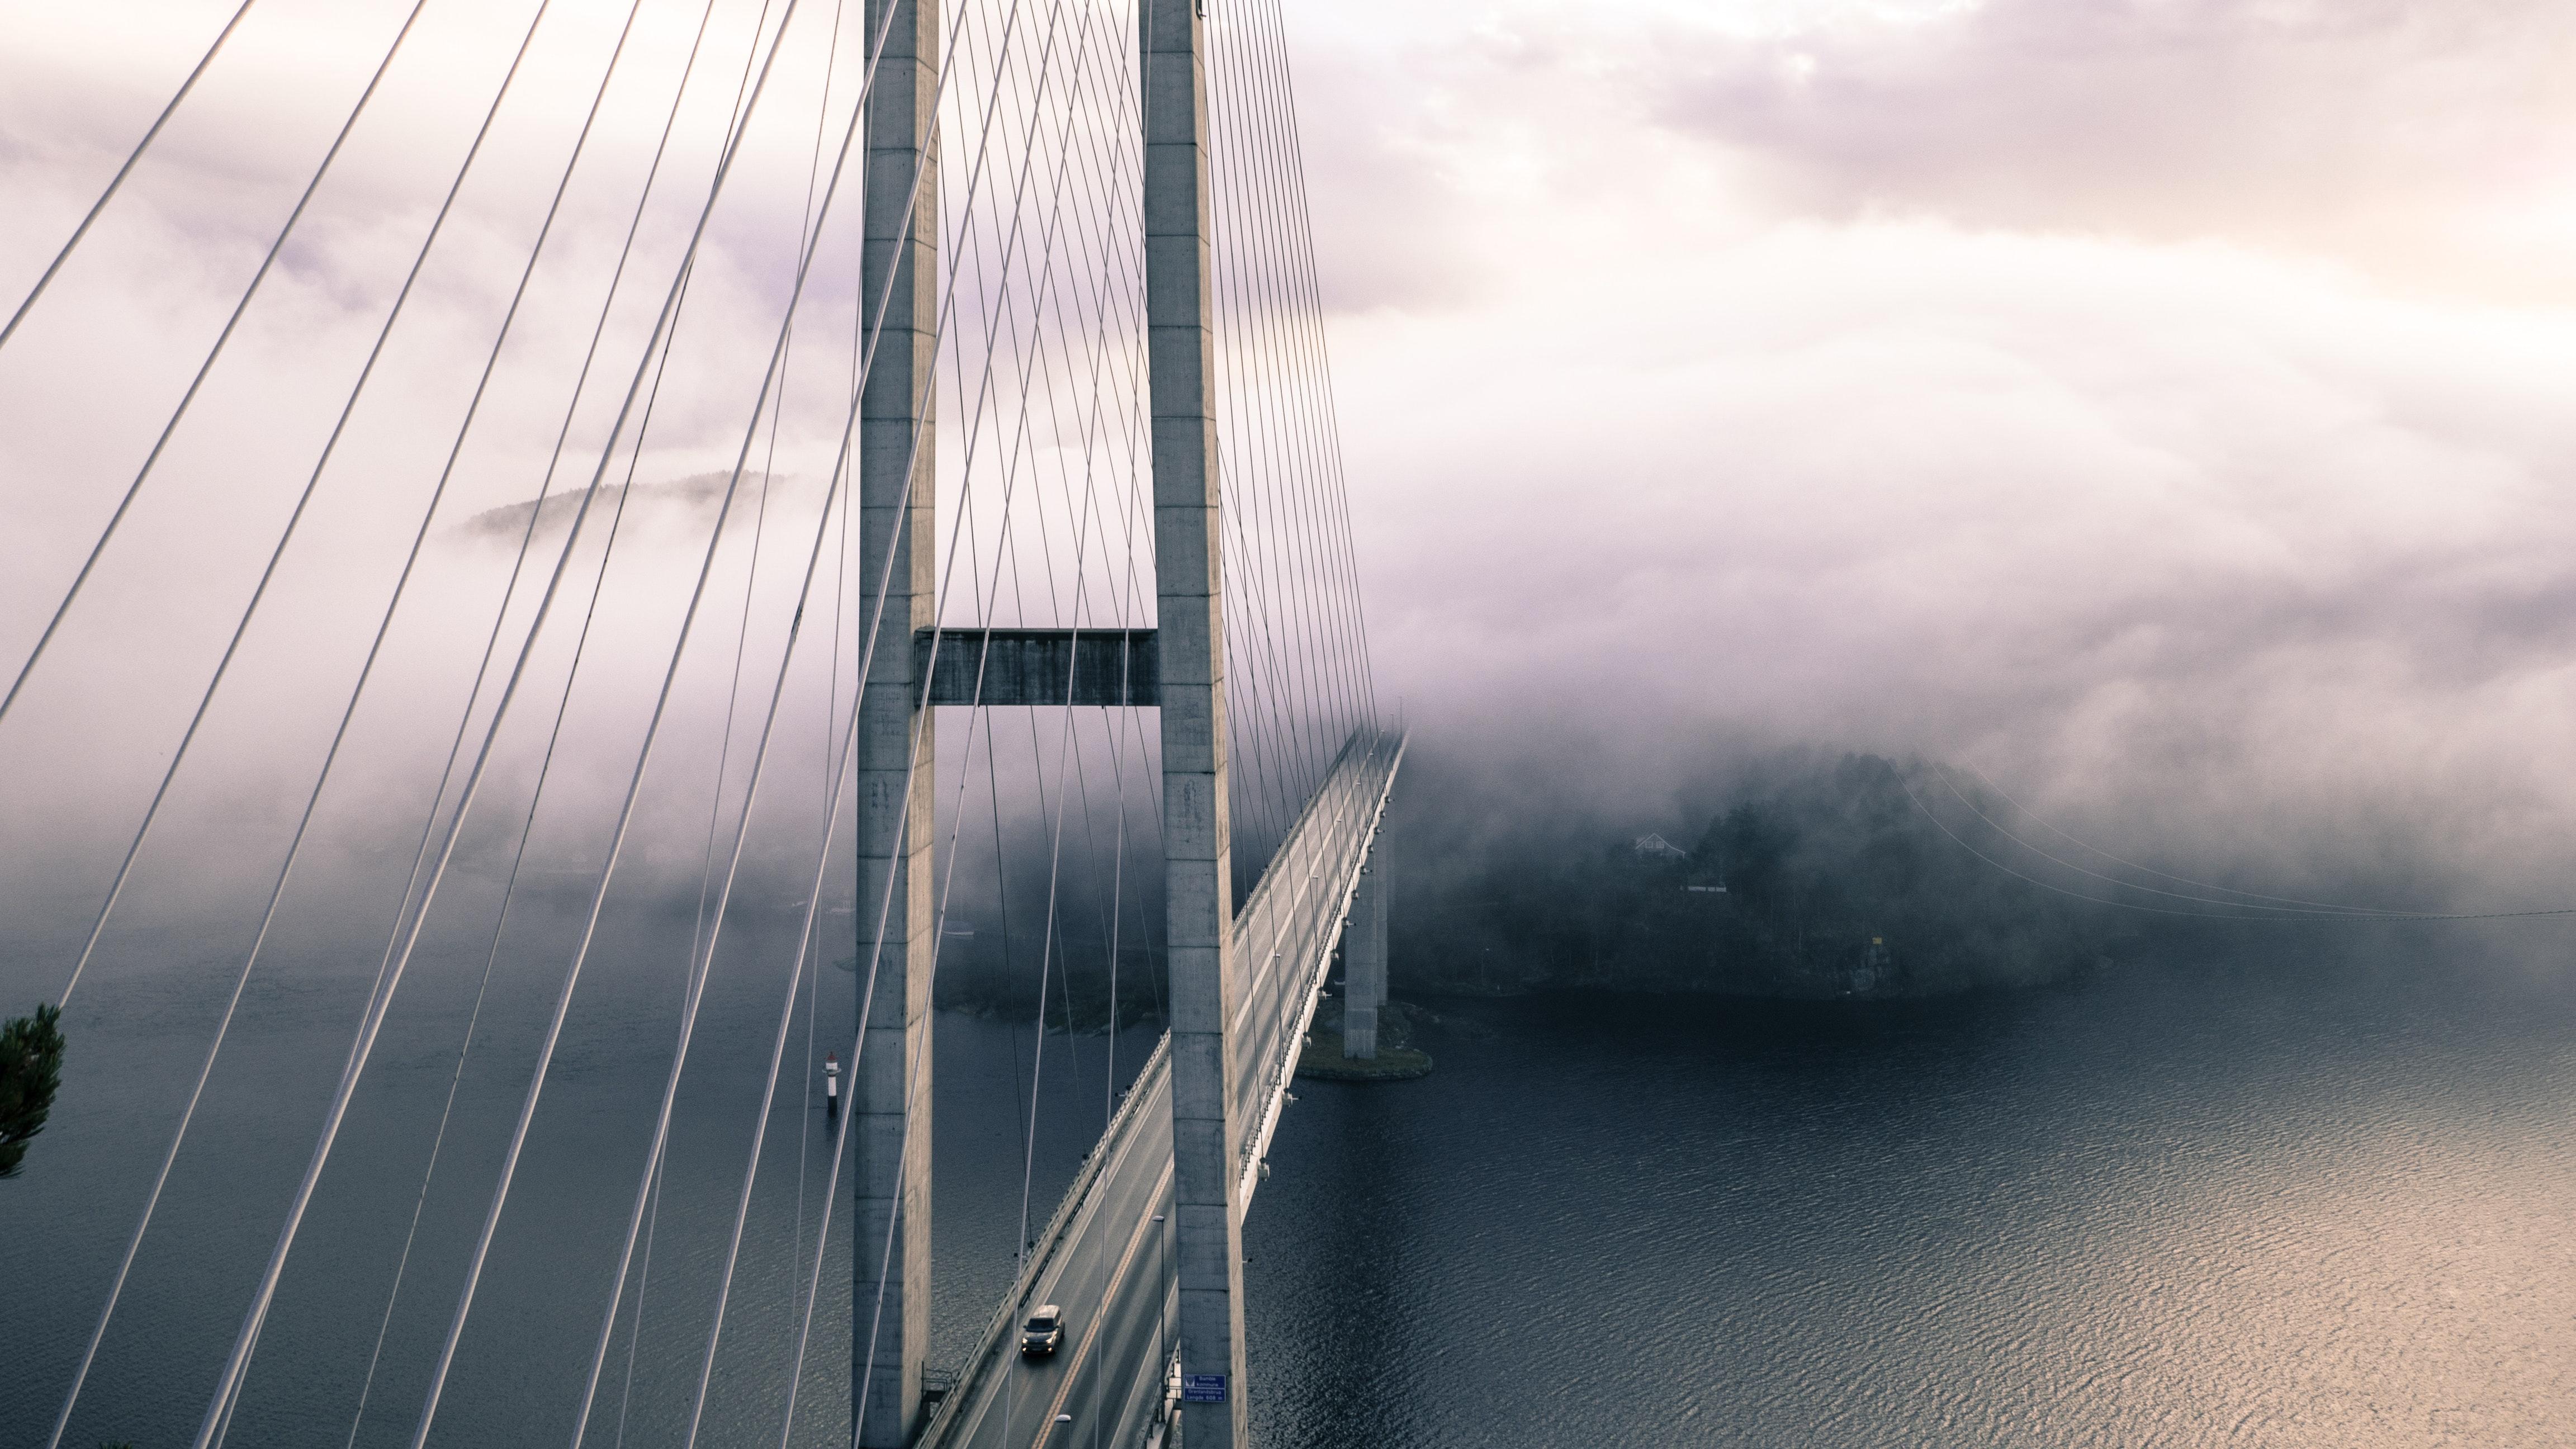 Free stock photos of bridge · Pexels